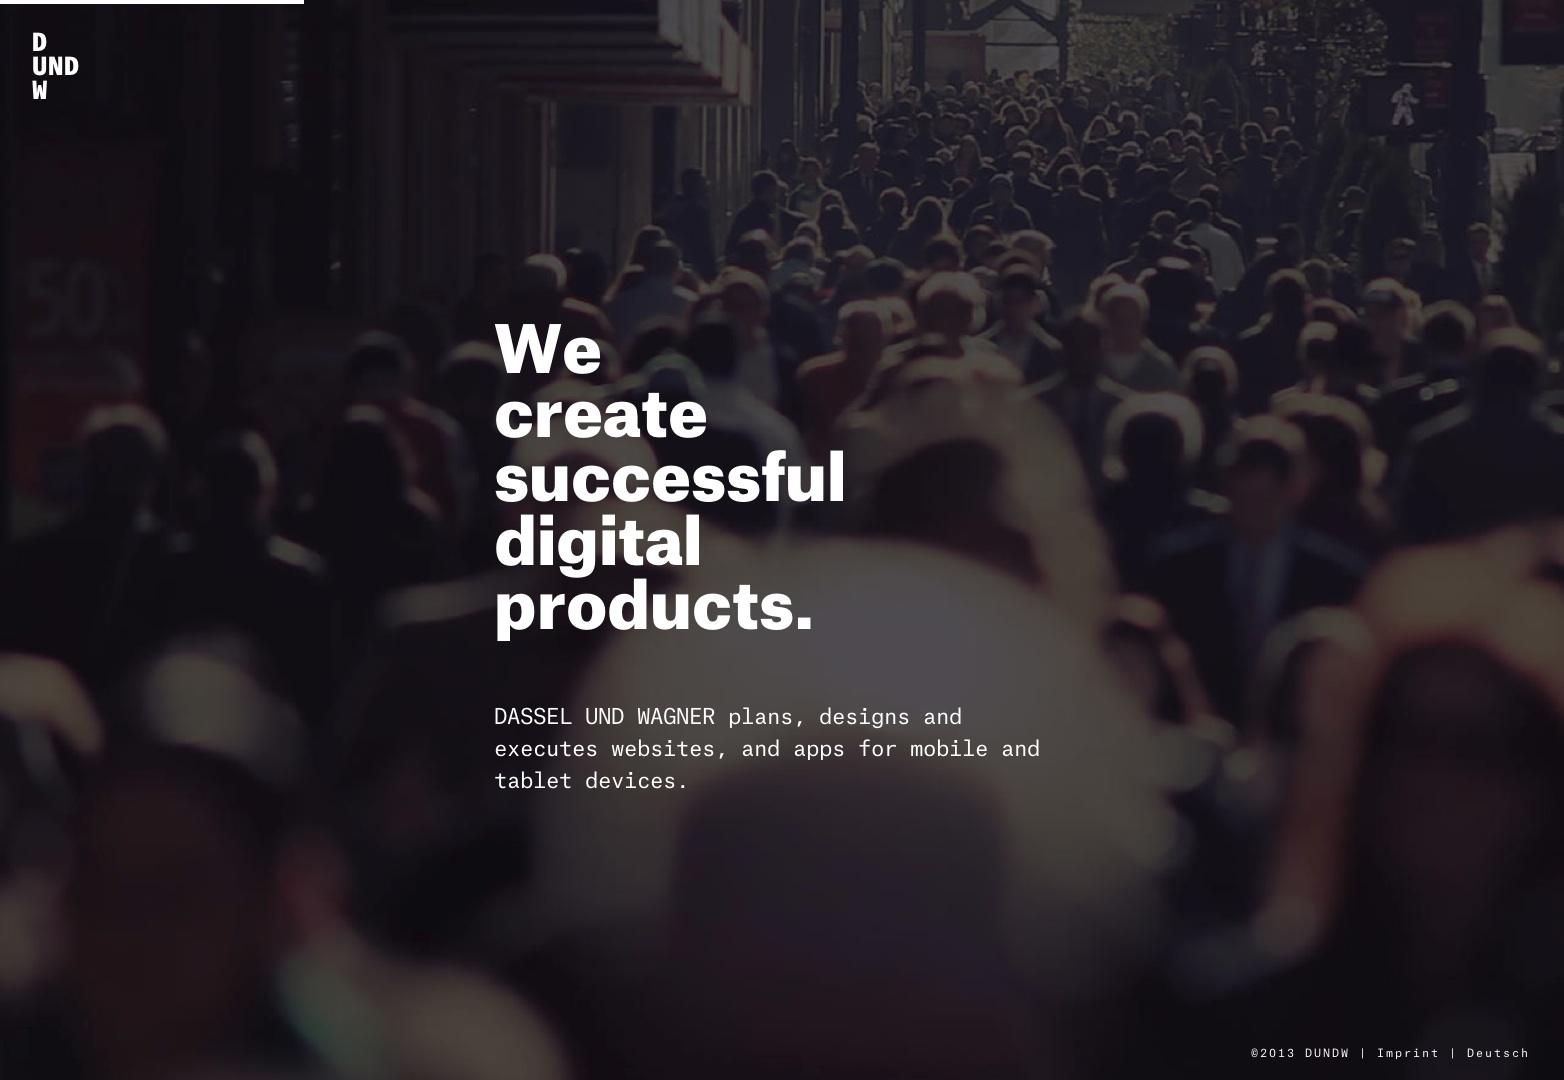 DASSEL UND WAGNER | We create digital products.